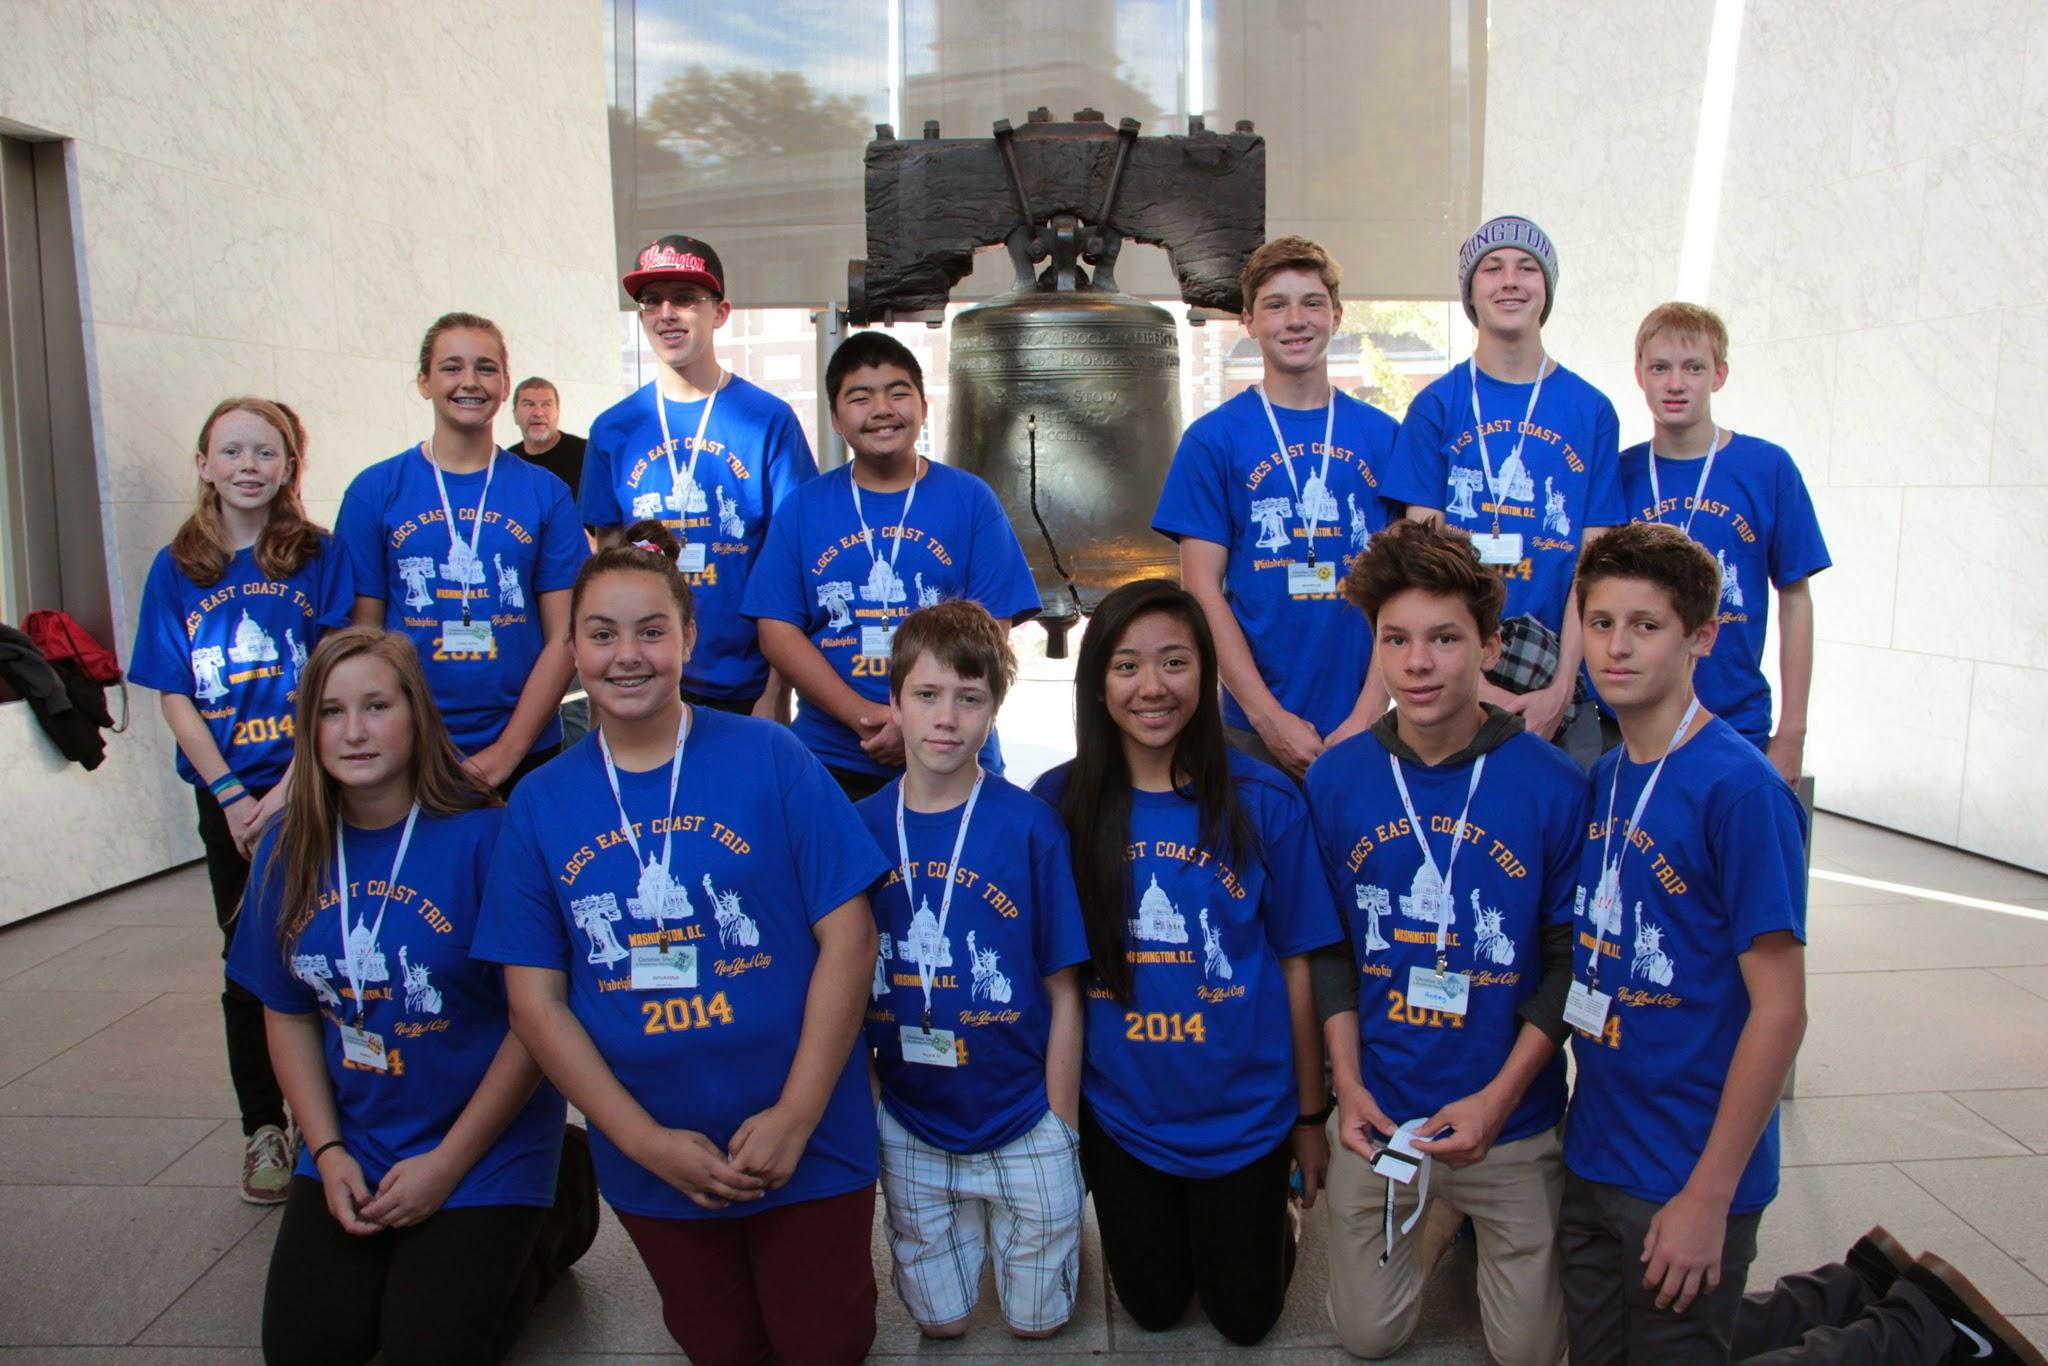 Custom T Shirts For Los Gatos Christian School East Coast Trip 2014